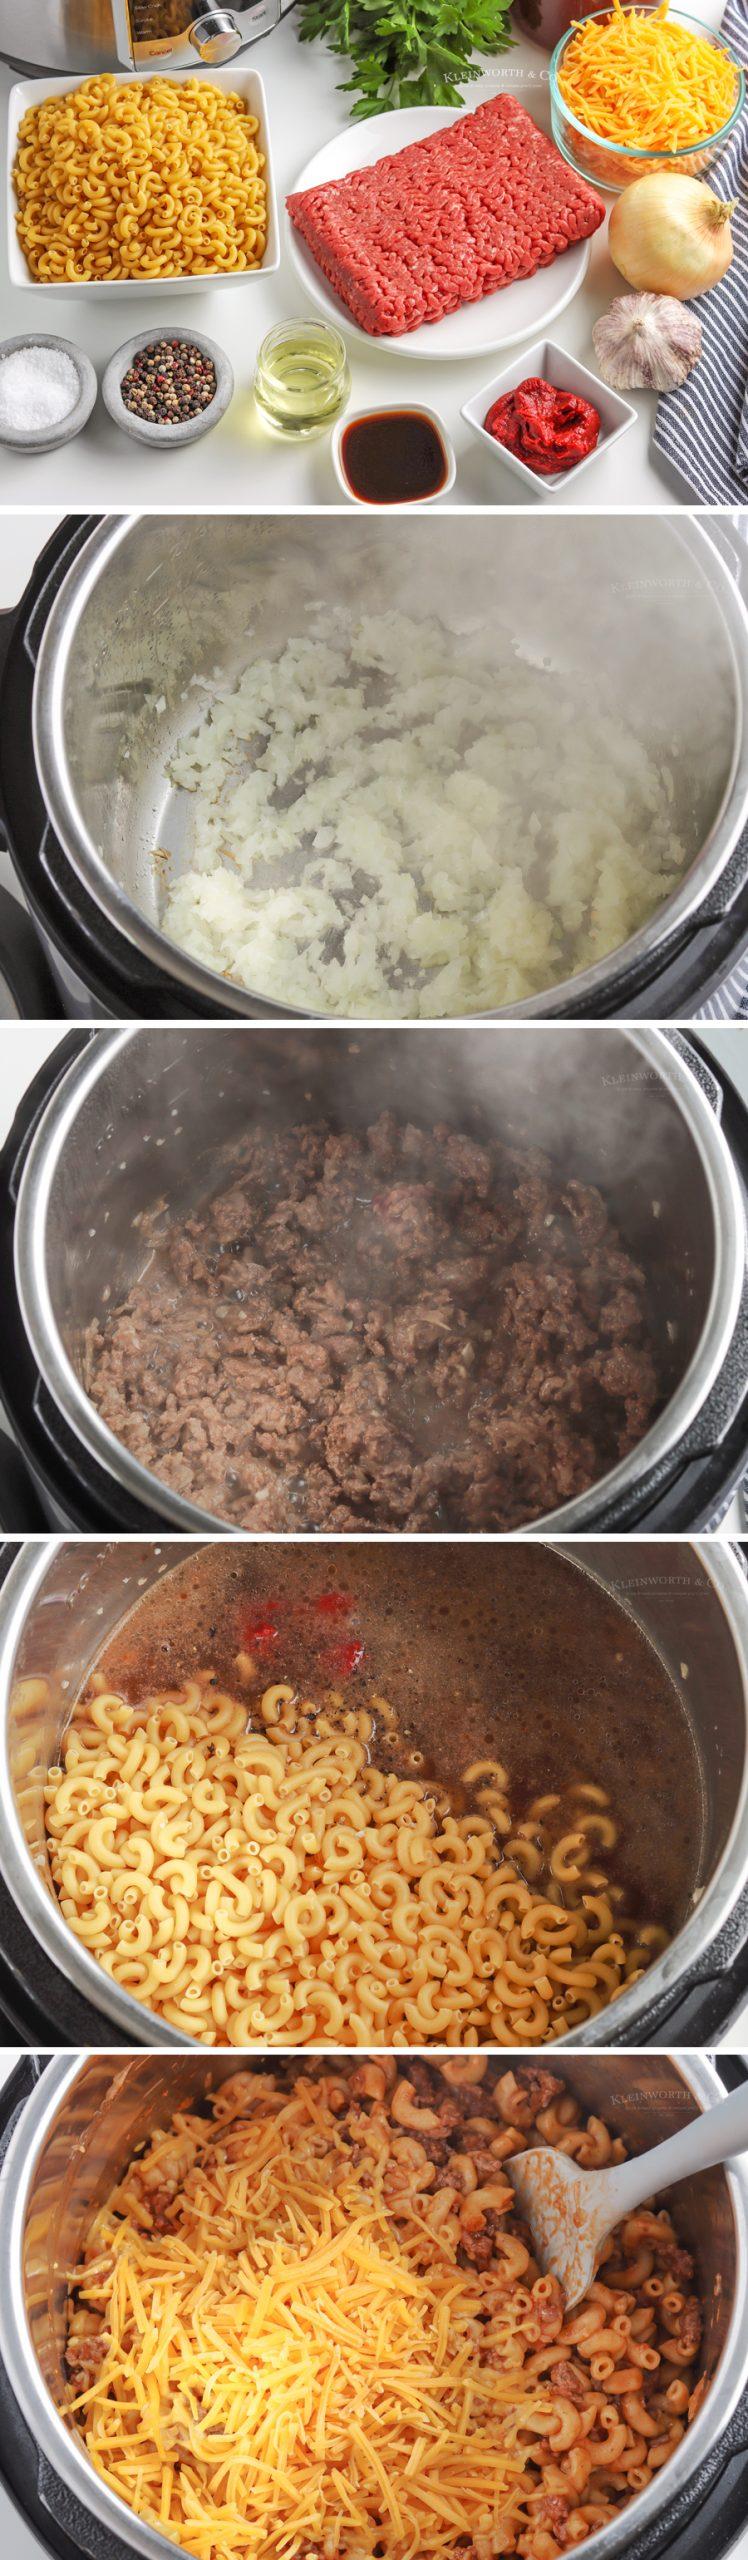 how to make Instant Pot Hamburger Helper